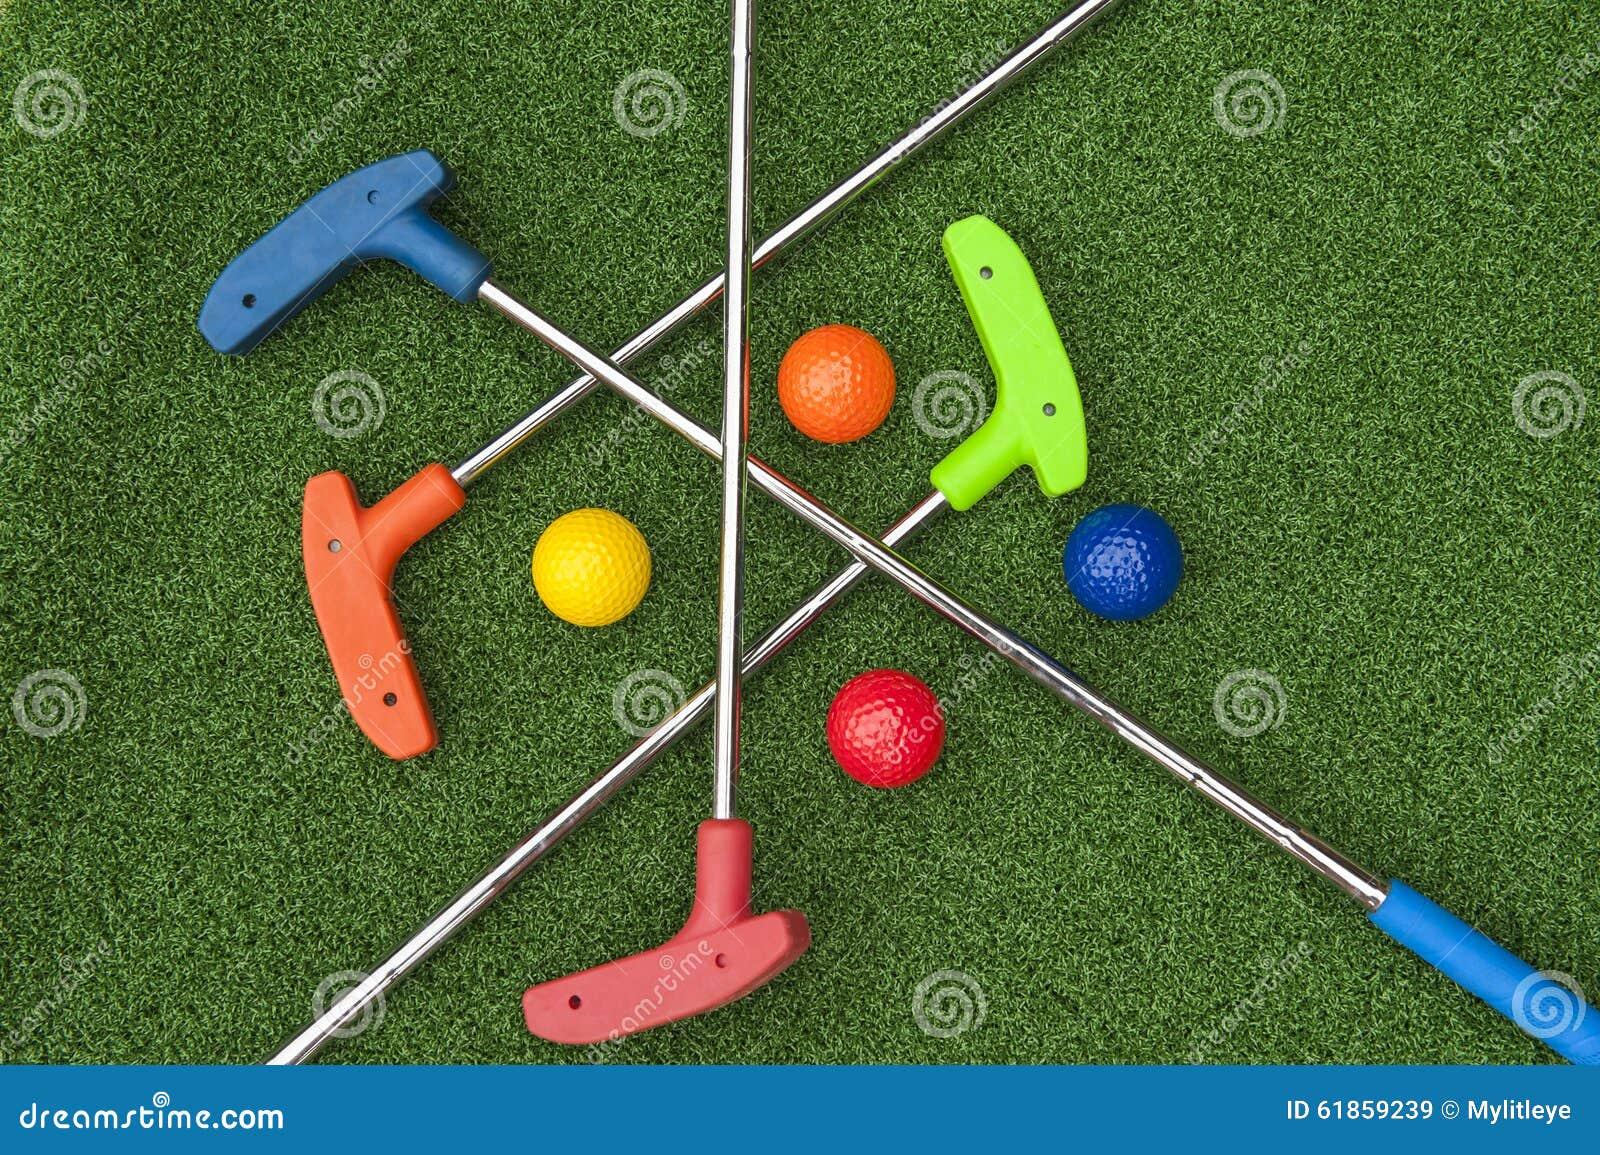 四个微型高尔夫球轻击棒和球